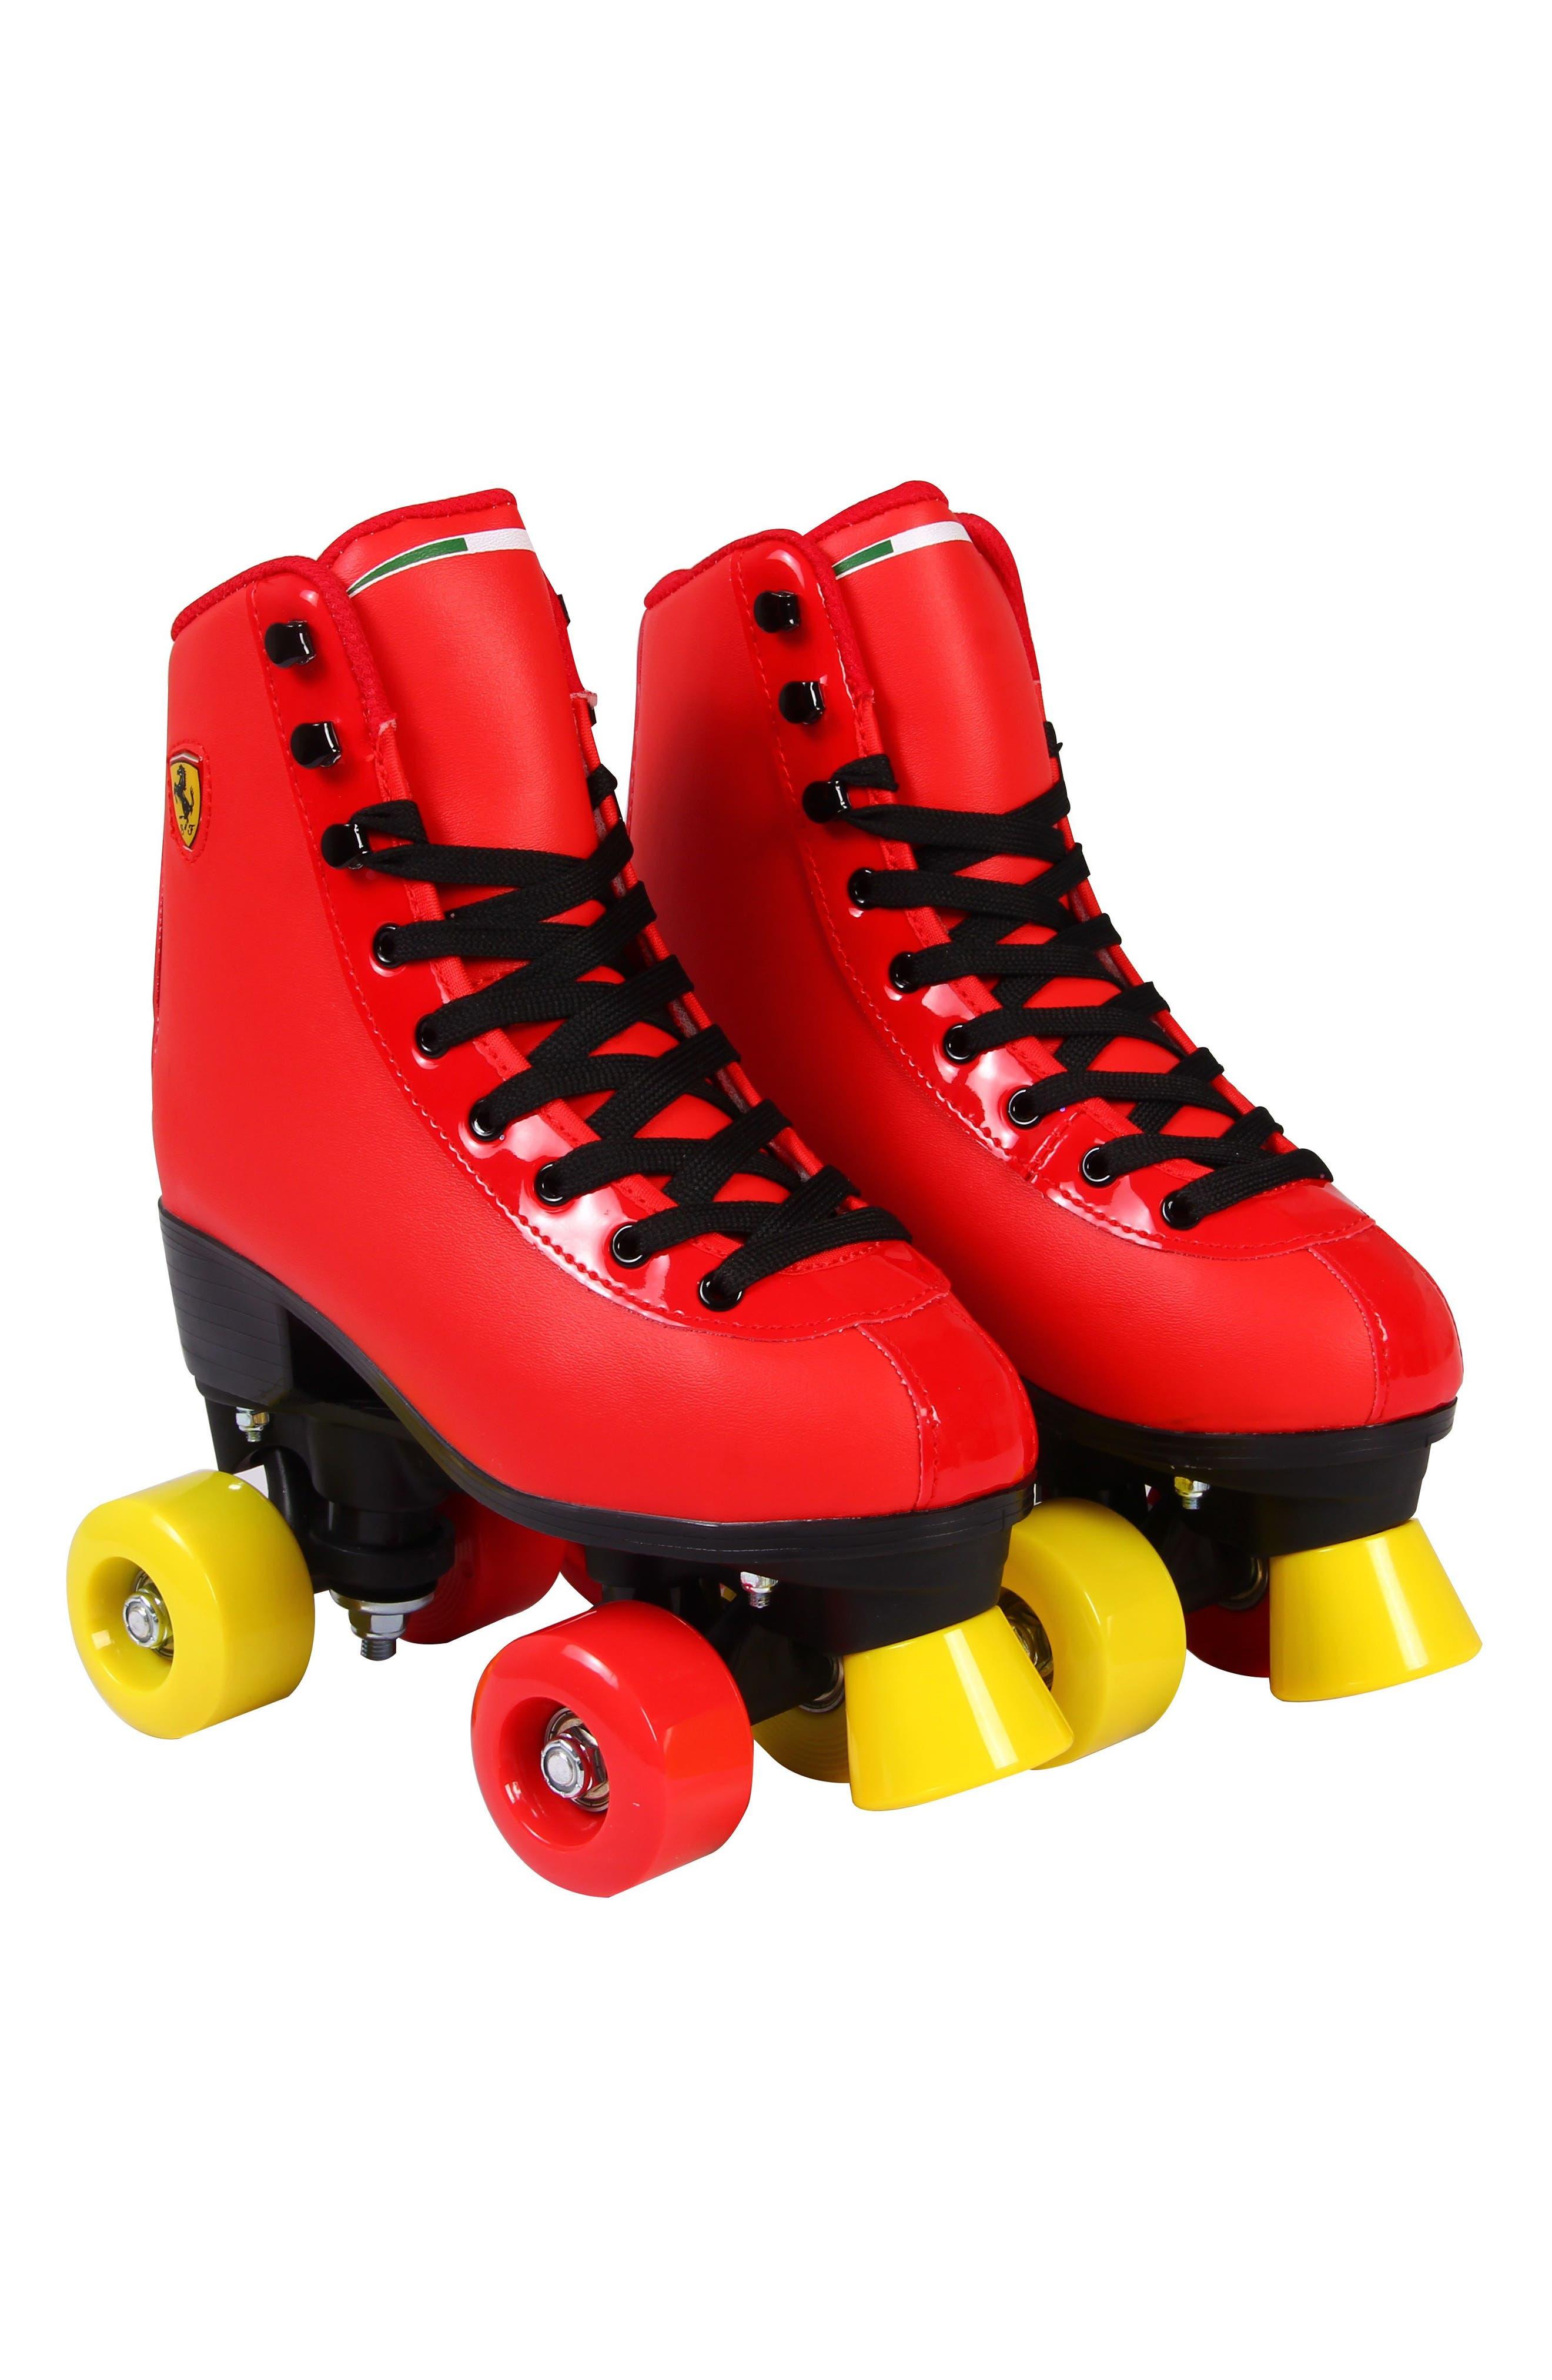 Alternate Image 1 Selected - Ferrari Classic Roller Skates